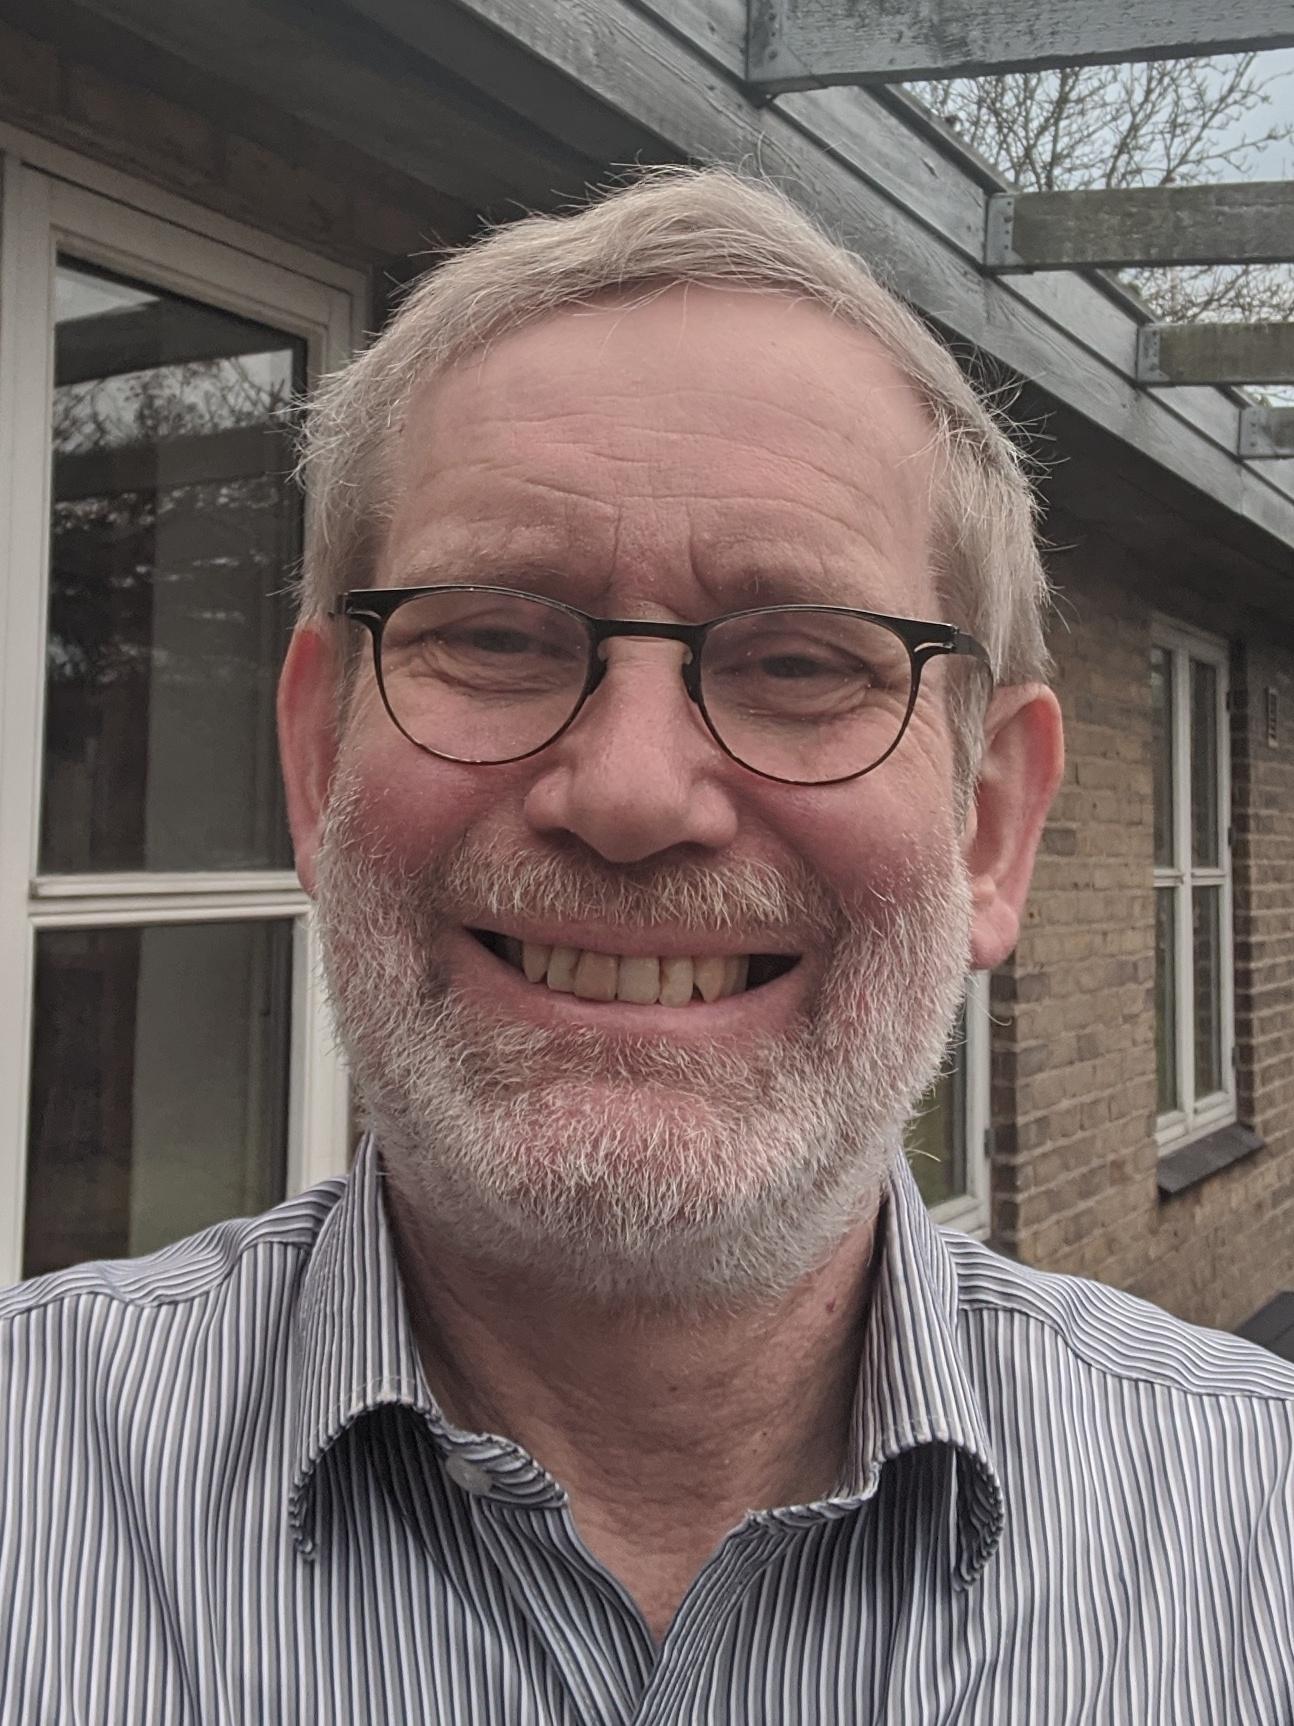 Jørgen Friis Bak